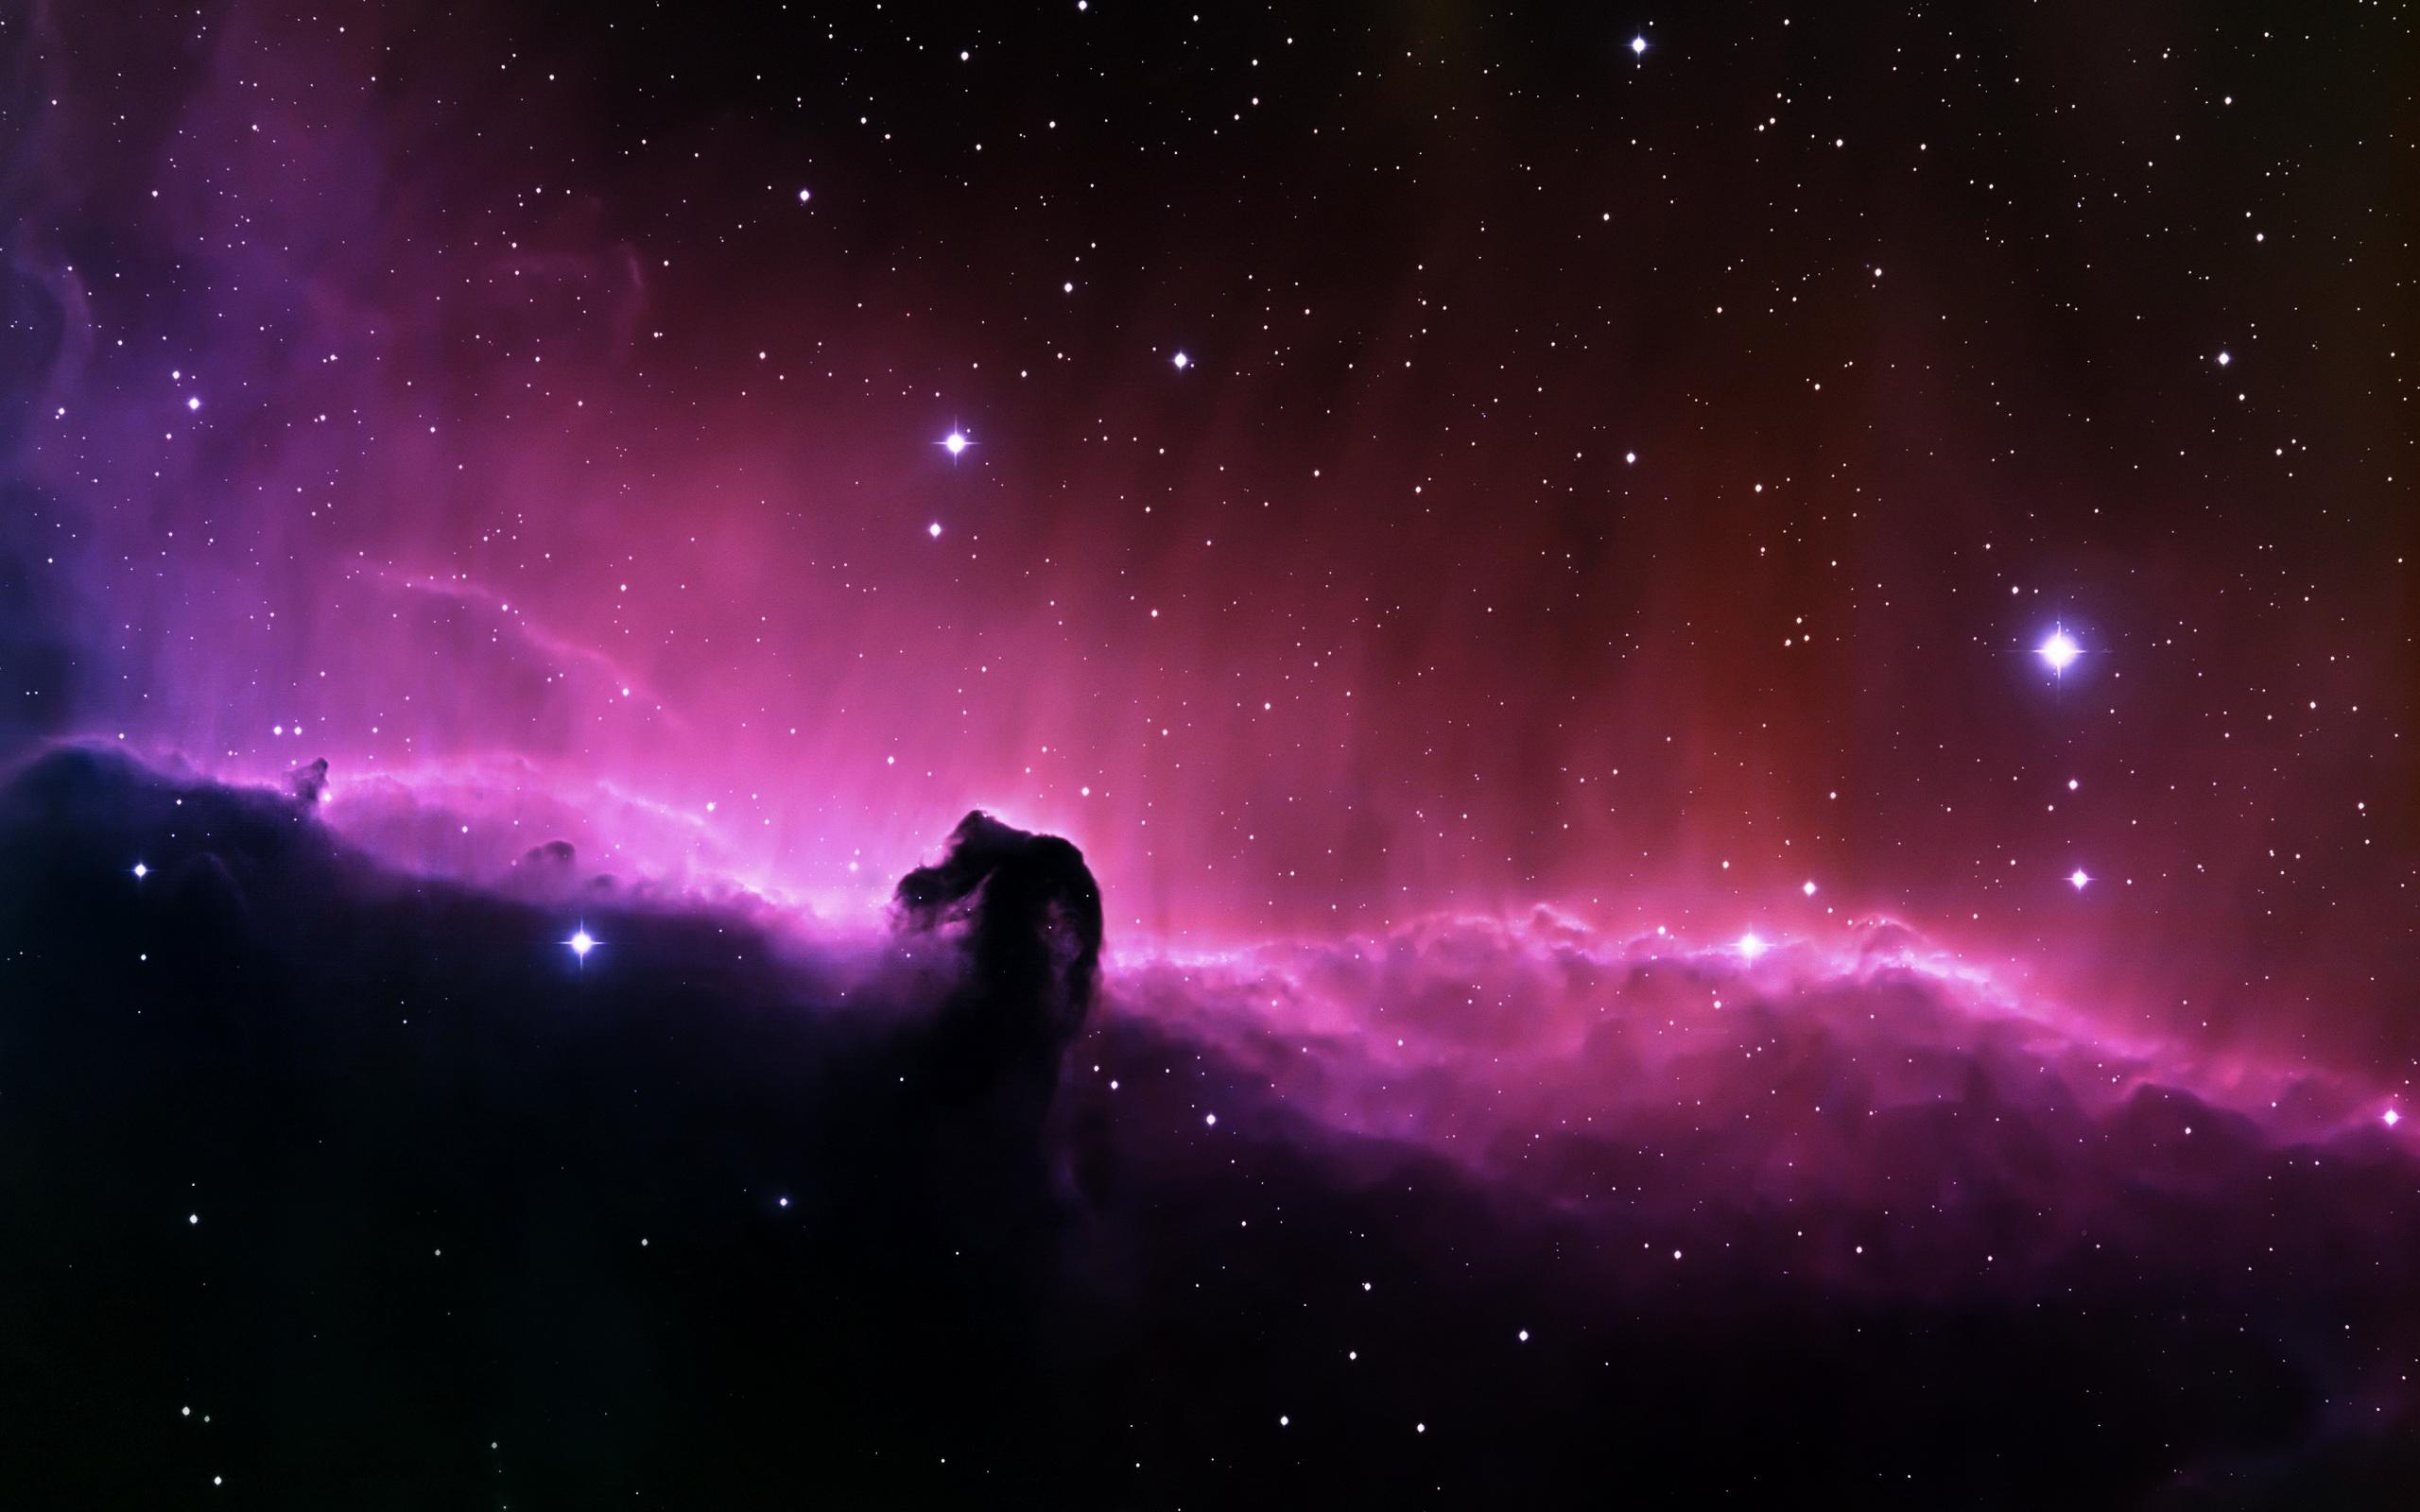 темная звезда картинки пользе питательной